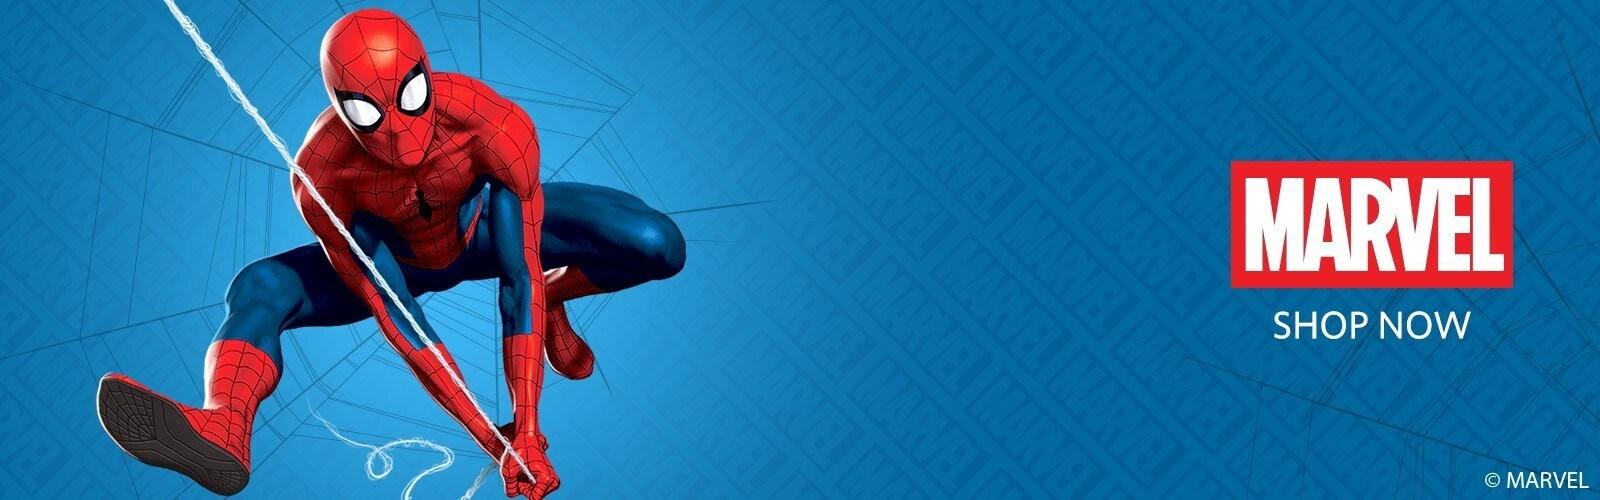 Marvel Shop Banner | Disney India